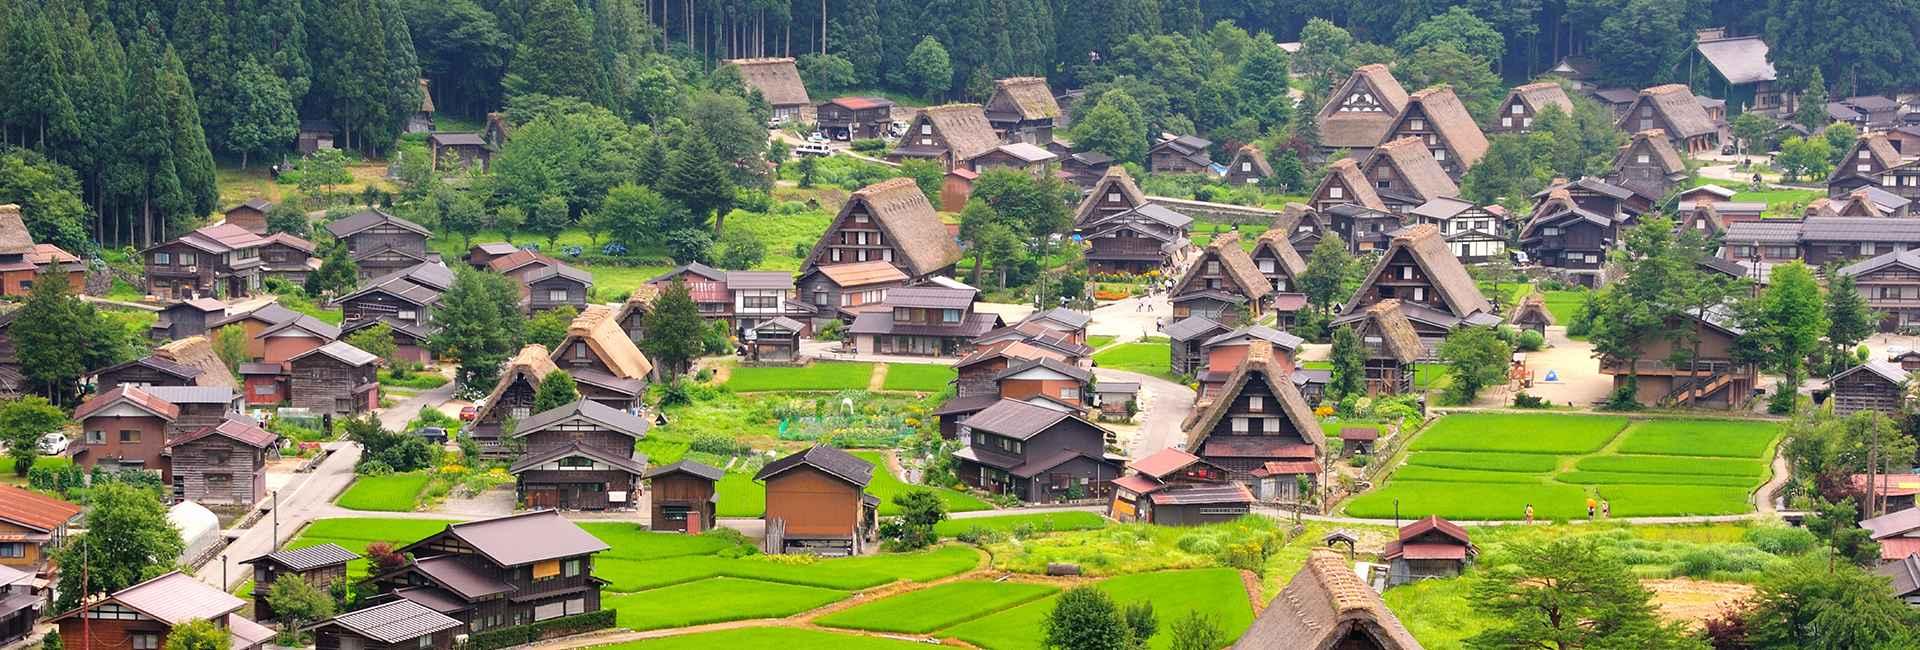 Shirakawa-go en été